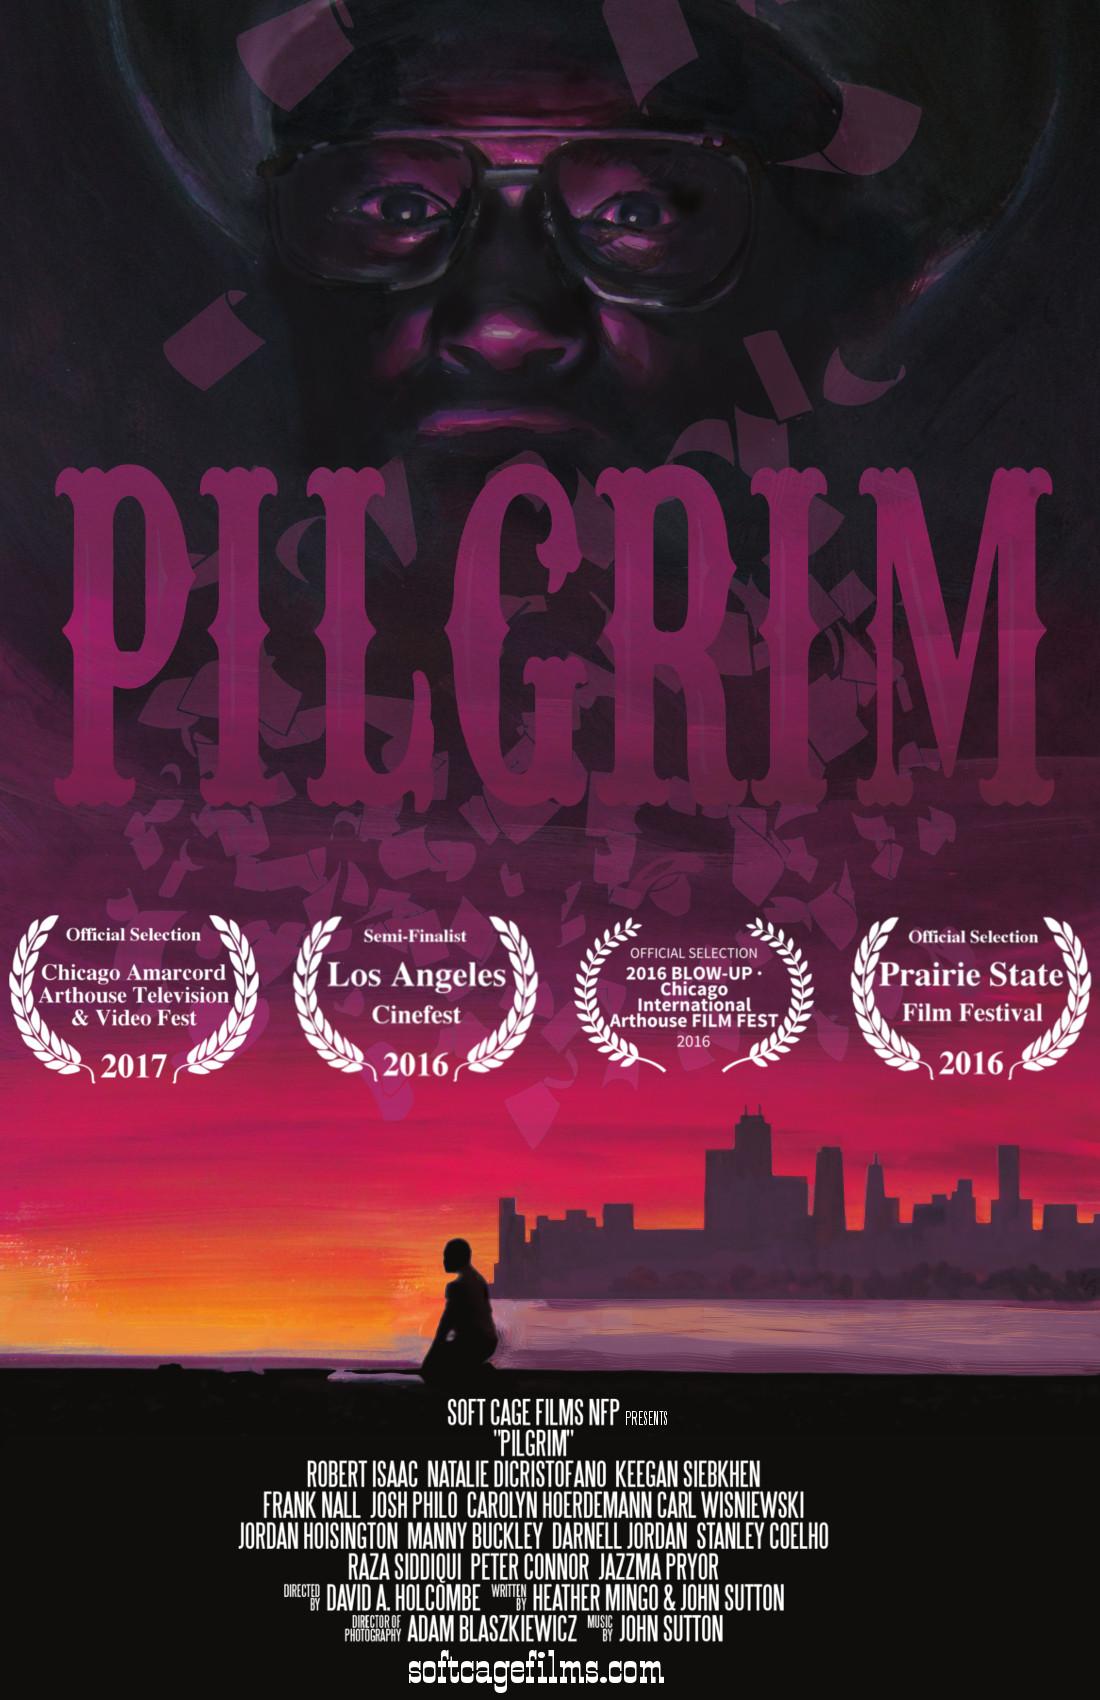 Pilgrim_Final w laurels.jpg